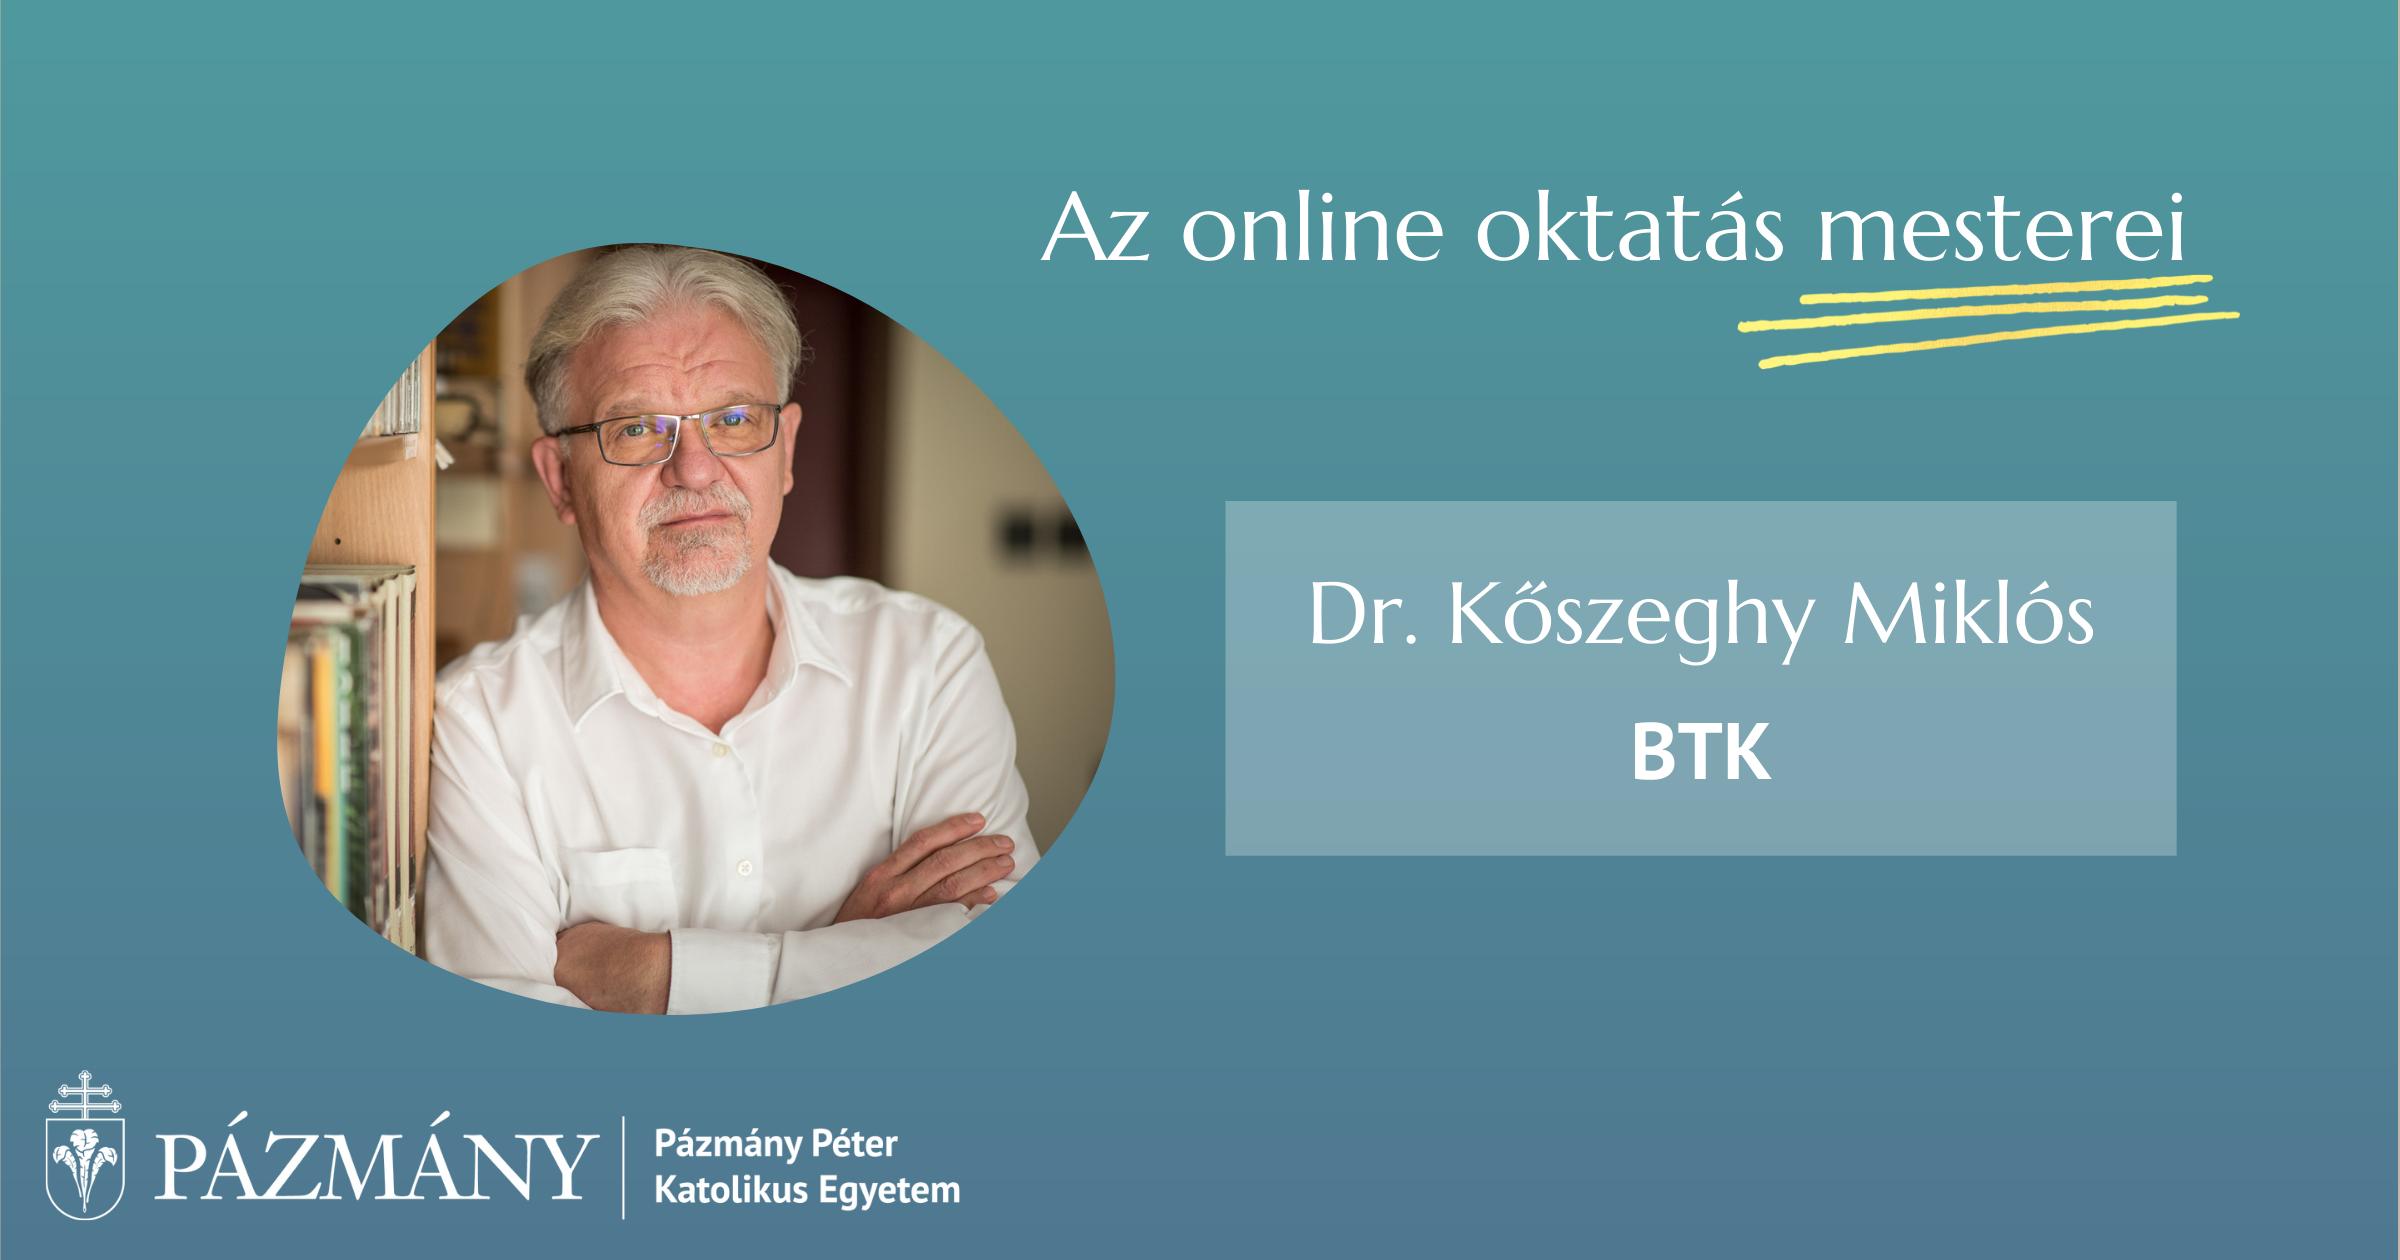 Az online oktatás mesterei: interjú dr. Kőszeghy Miklóssal